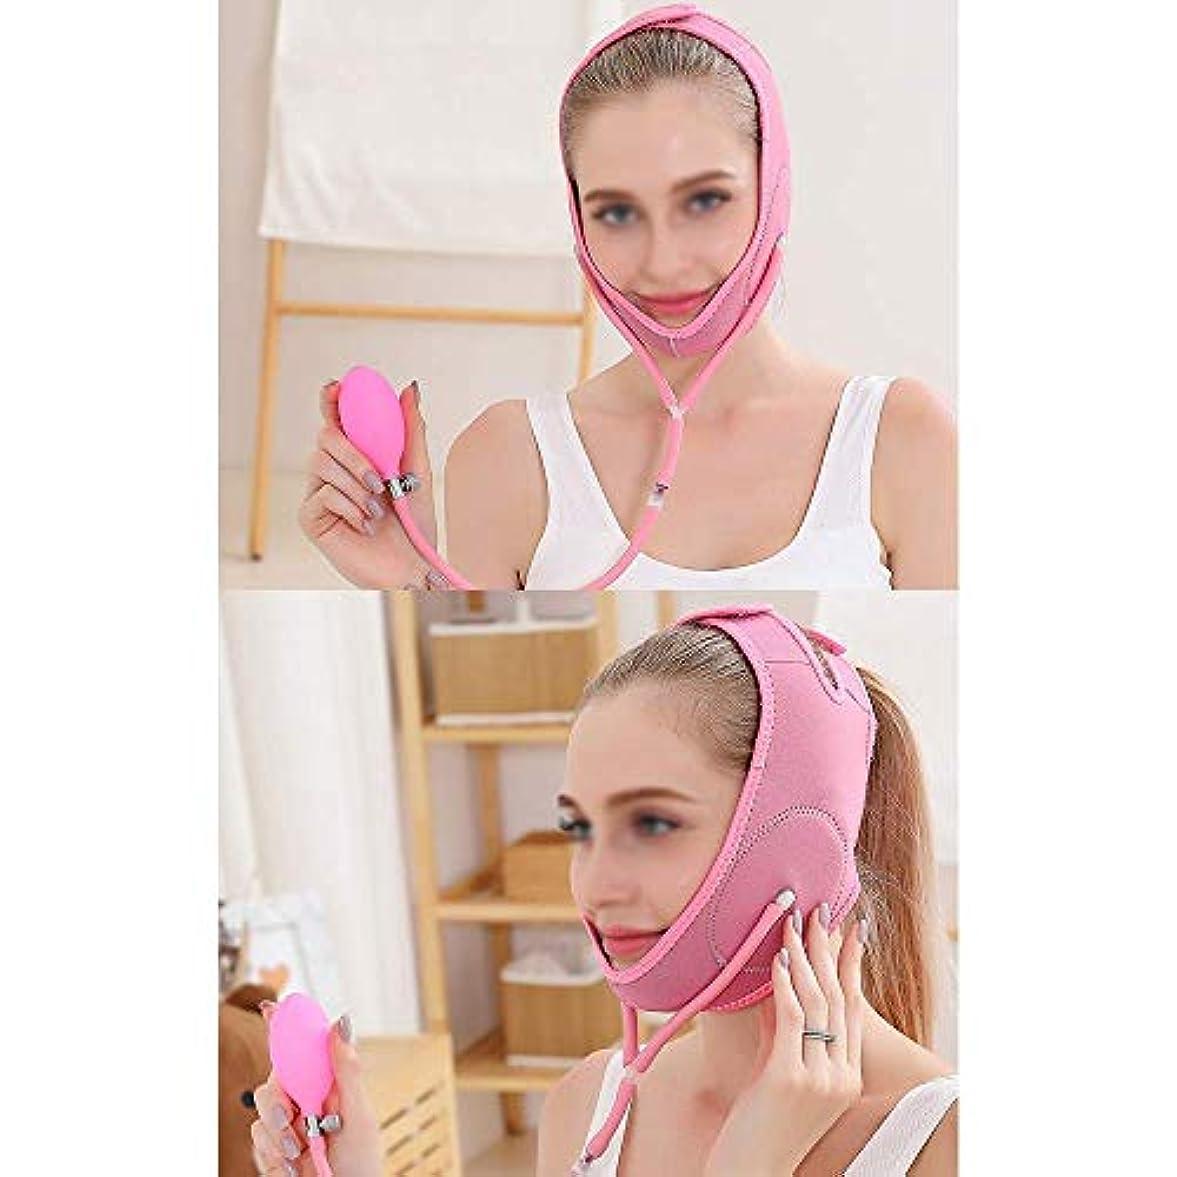 ゴージャスマーティンルーサーキングジュニア相対的は二重あご、膨脹可能な顔の持ち上がる革紐、顔の持ち上がる包帯、減らされた二重あごの包帯(1つのサイズはすべてに合う)(色:ピンク)を効果的に改善する,ピンク